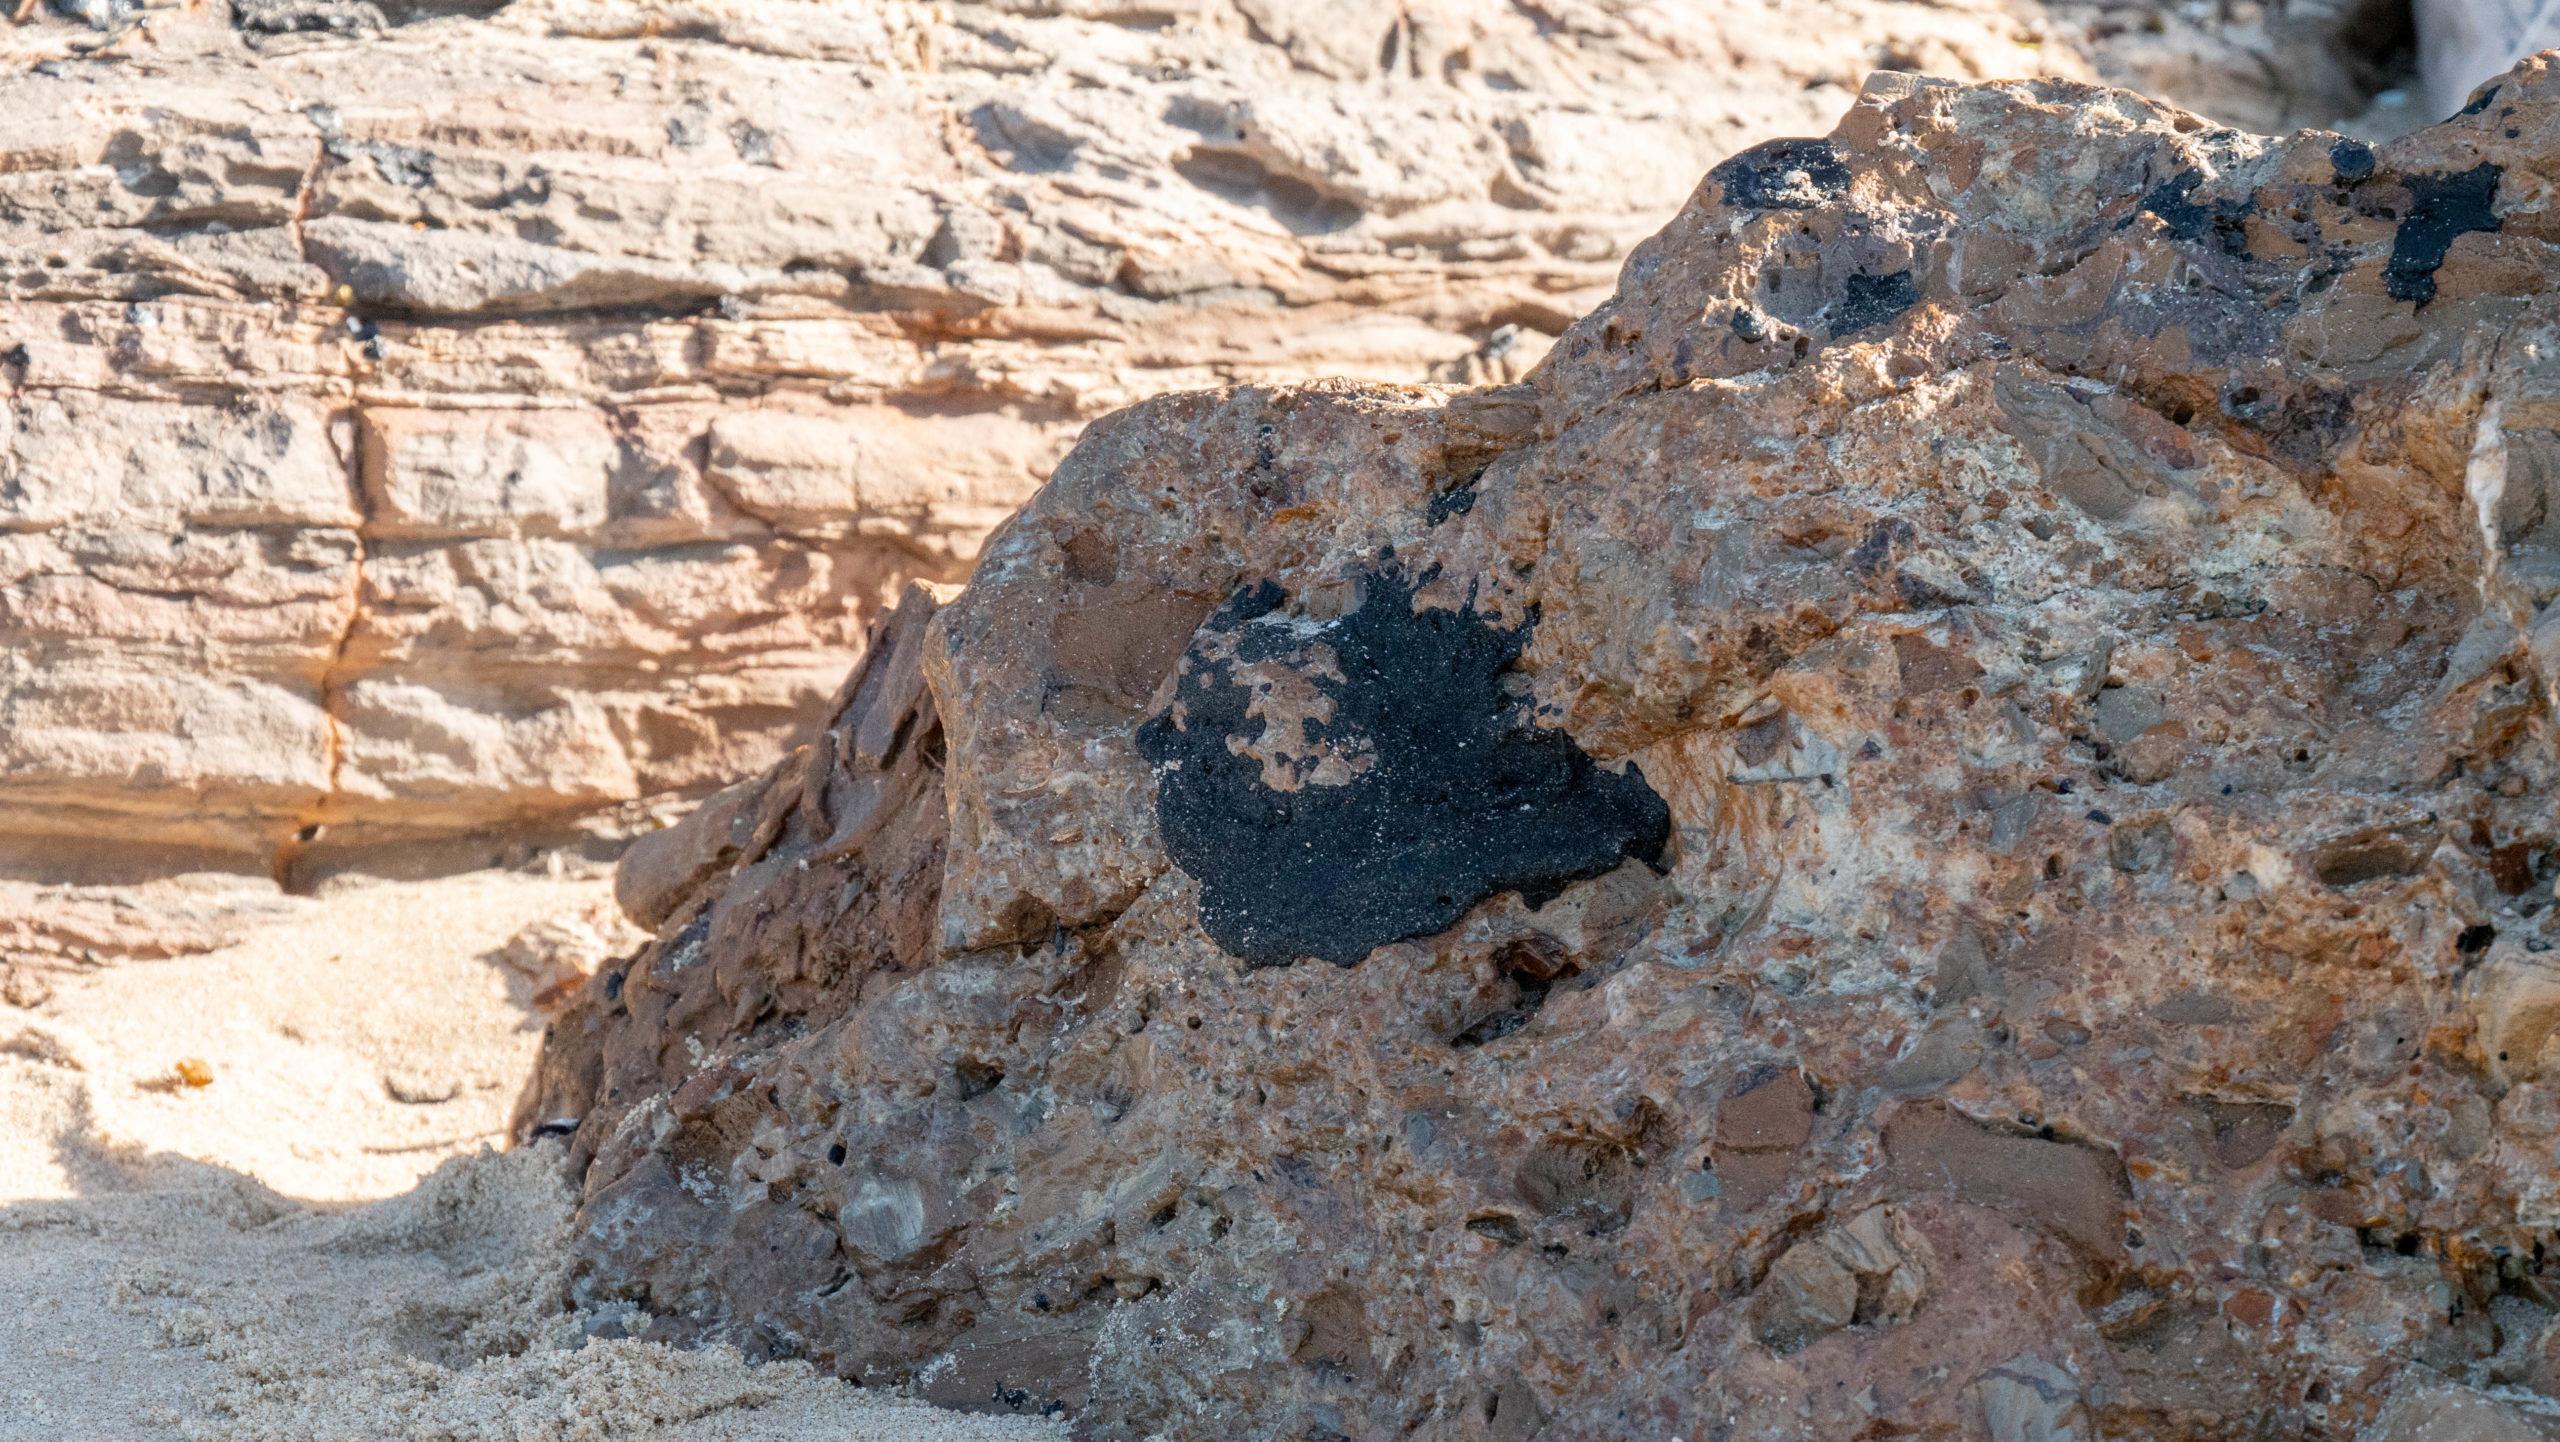 Oil is seen on rocks